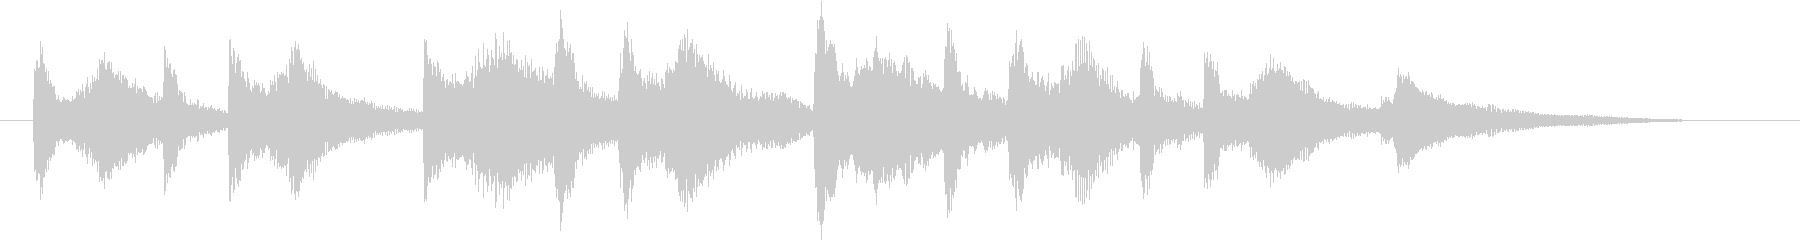 結婚式効果音_ジューンブライド02の未再生の波形